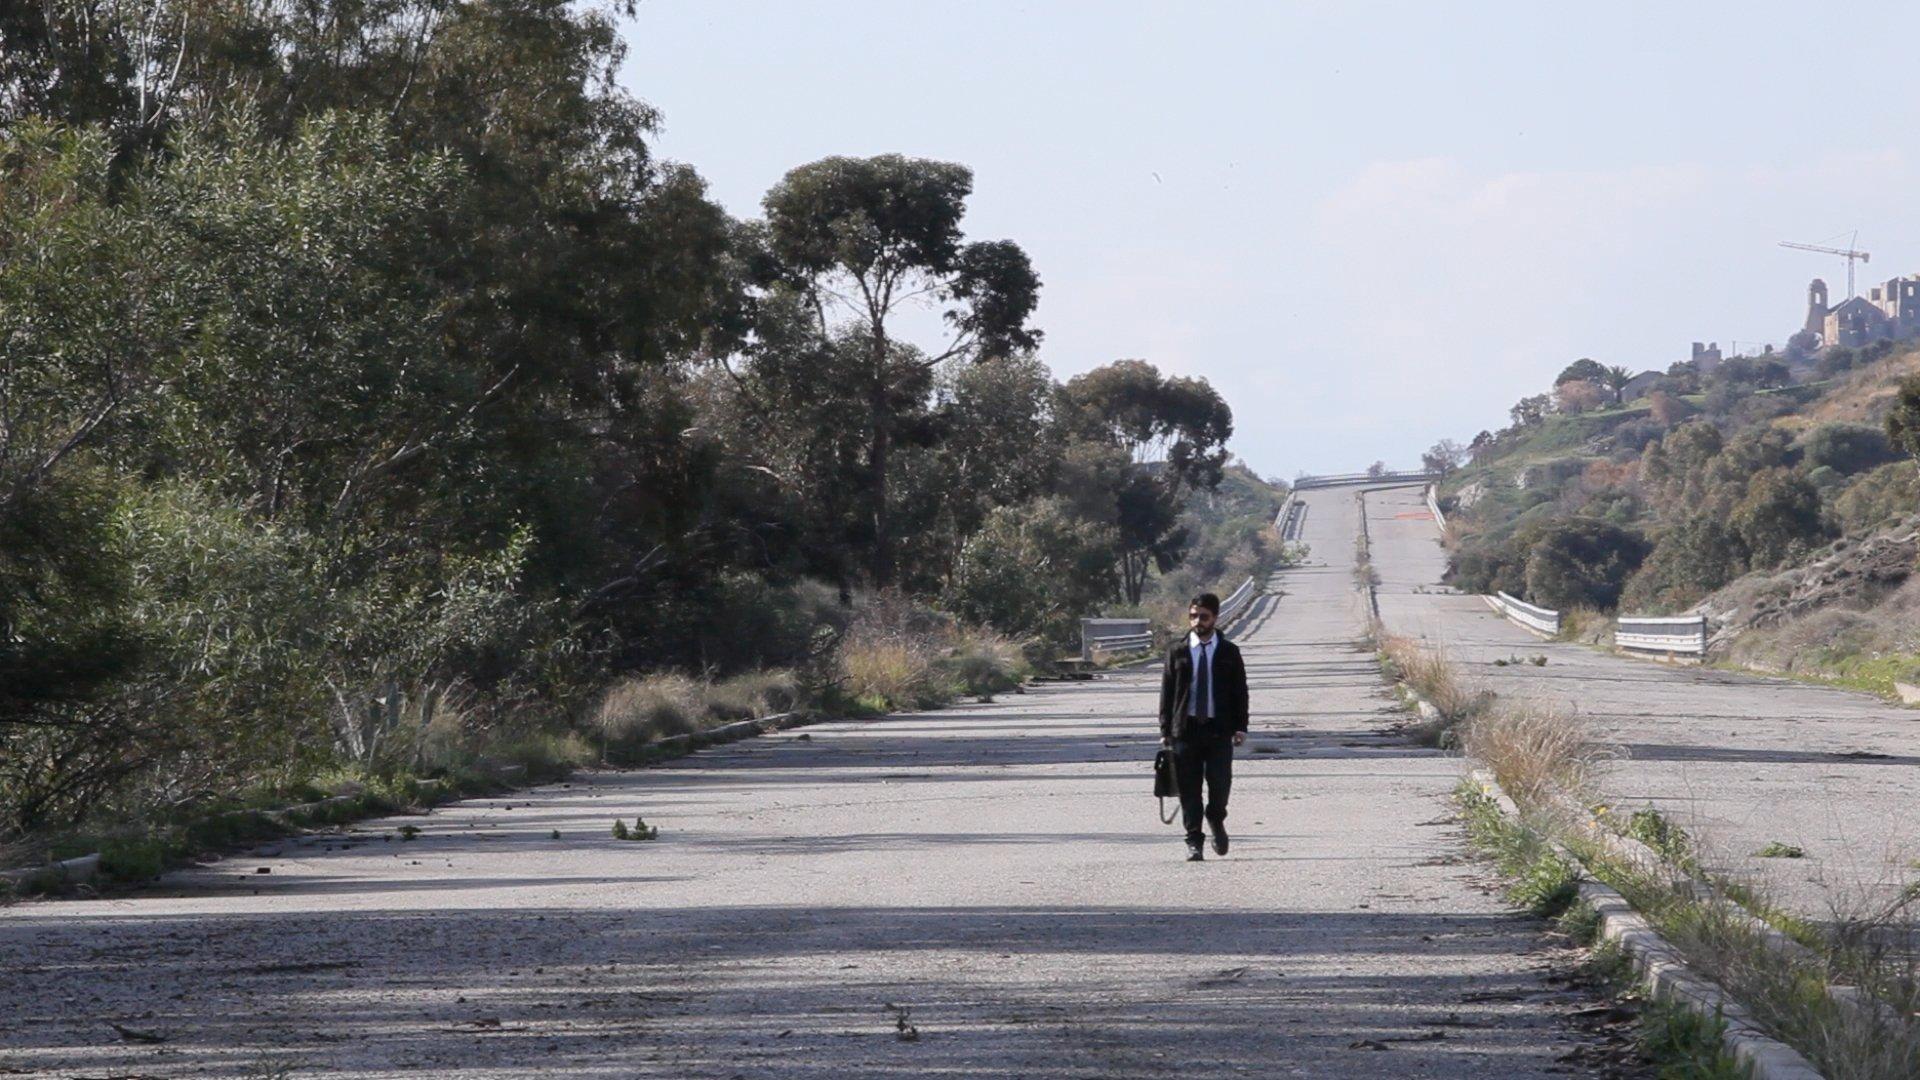 L'ultimo sole della notte: recensione del film di Matteo Scarfò